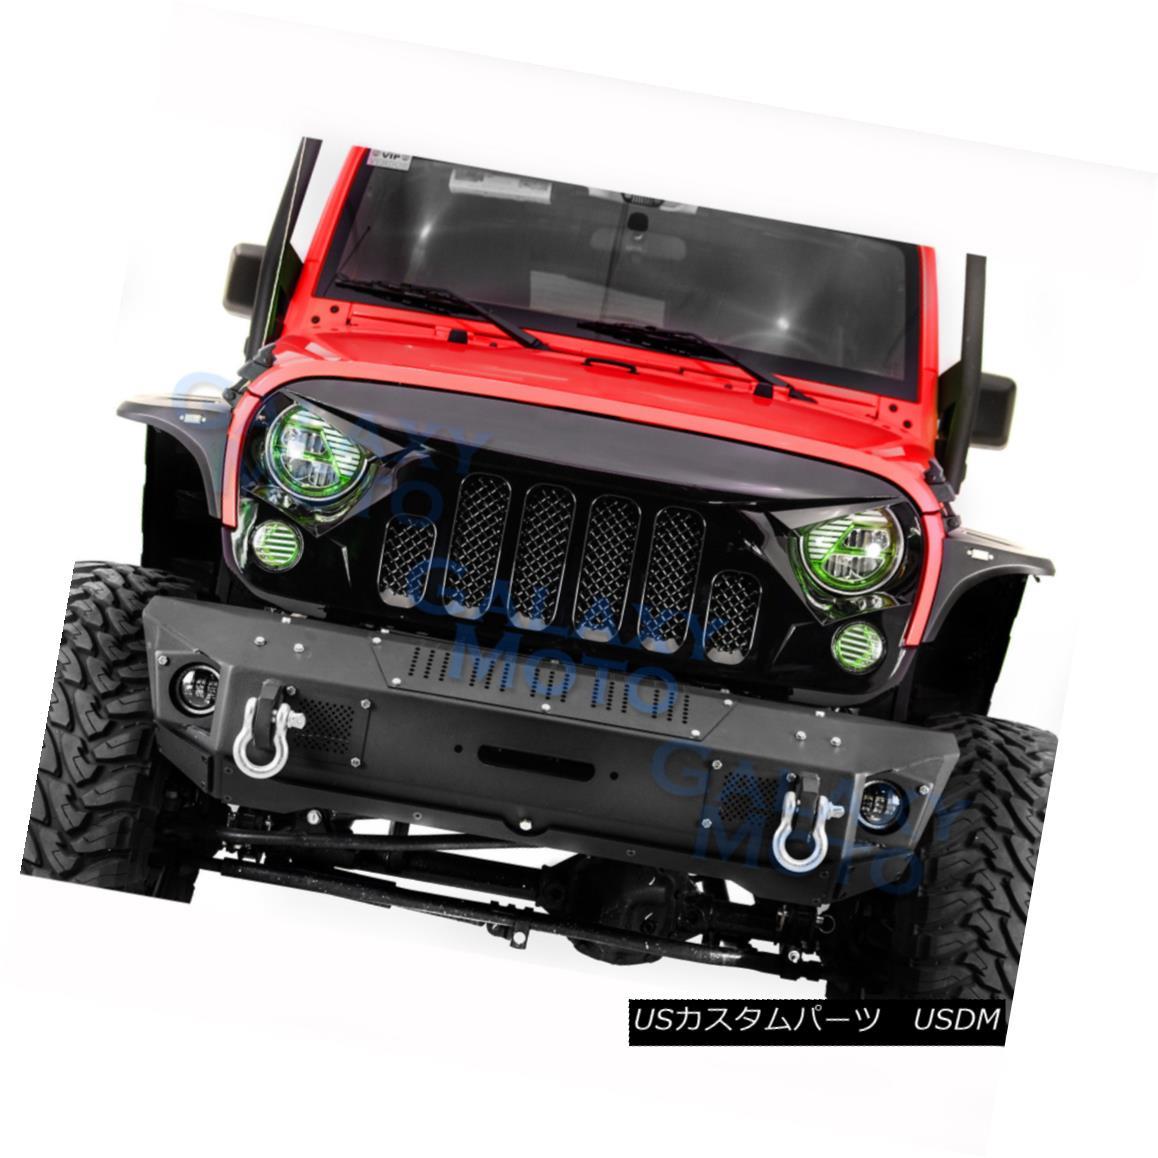 グリル New Angry Skull 2 Replacement Gloss Black Mesh Grille for 07-18 Jeep Wrangler JK 新しい怒っている頭蓋骨2交換グロス07-18ジープラングラーJKのための黒メッシュグリル